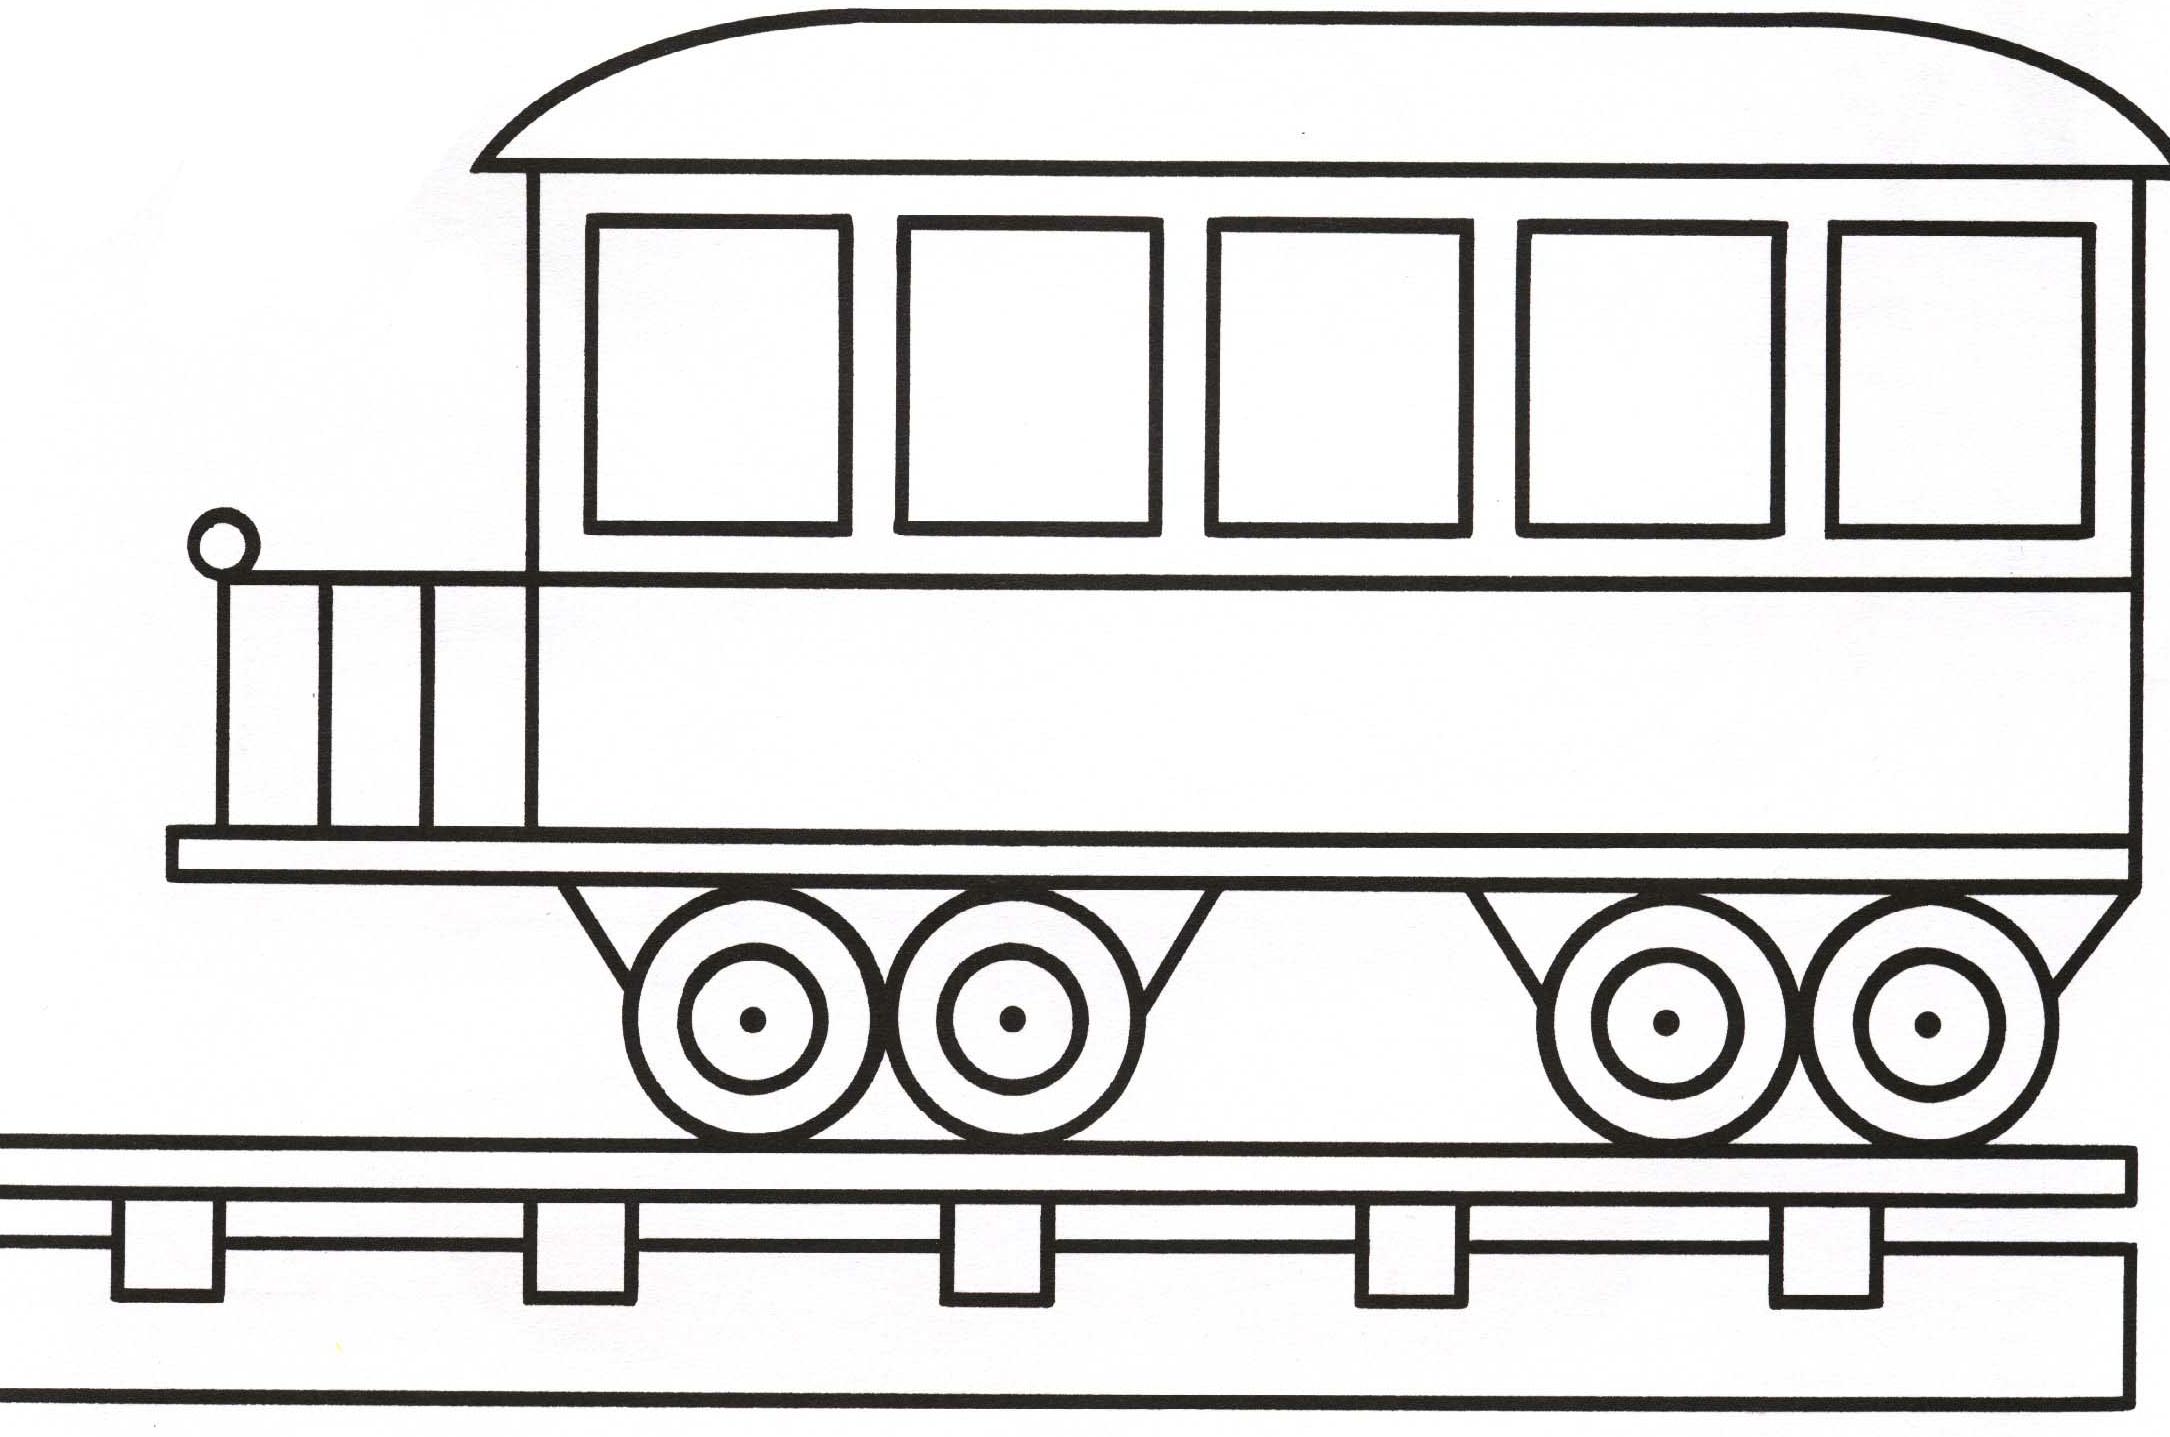 рисунок вагончики поезда всякий случай тьфу-тьфу-тьфу